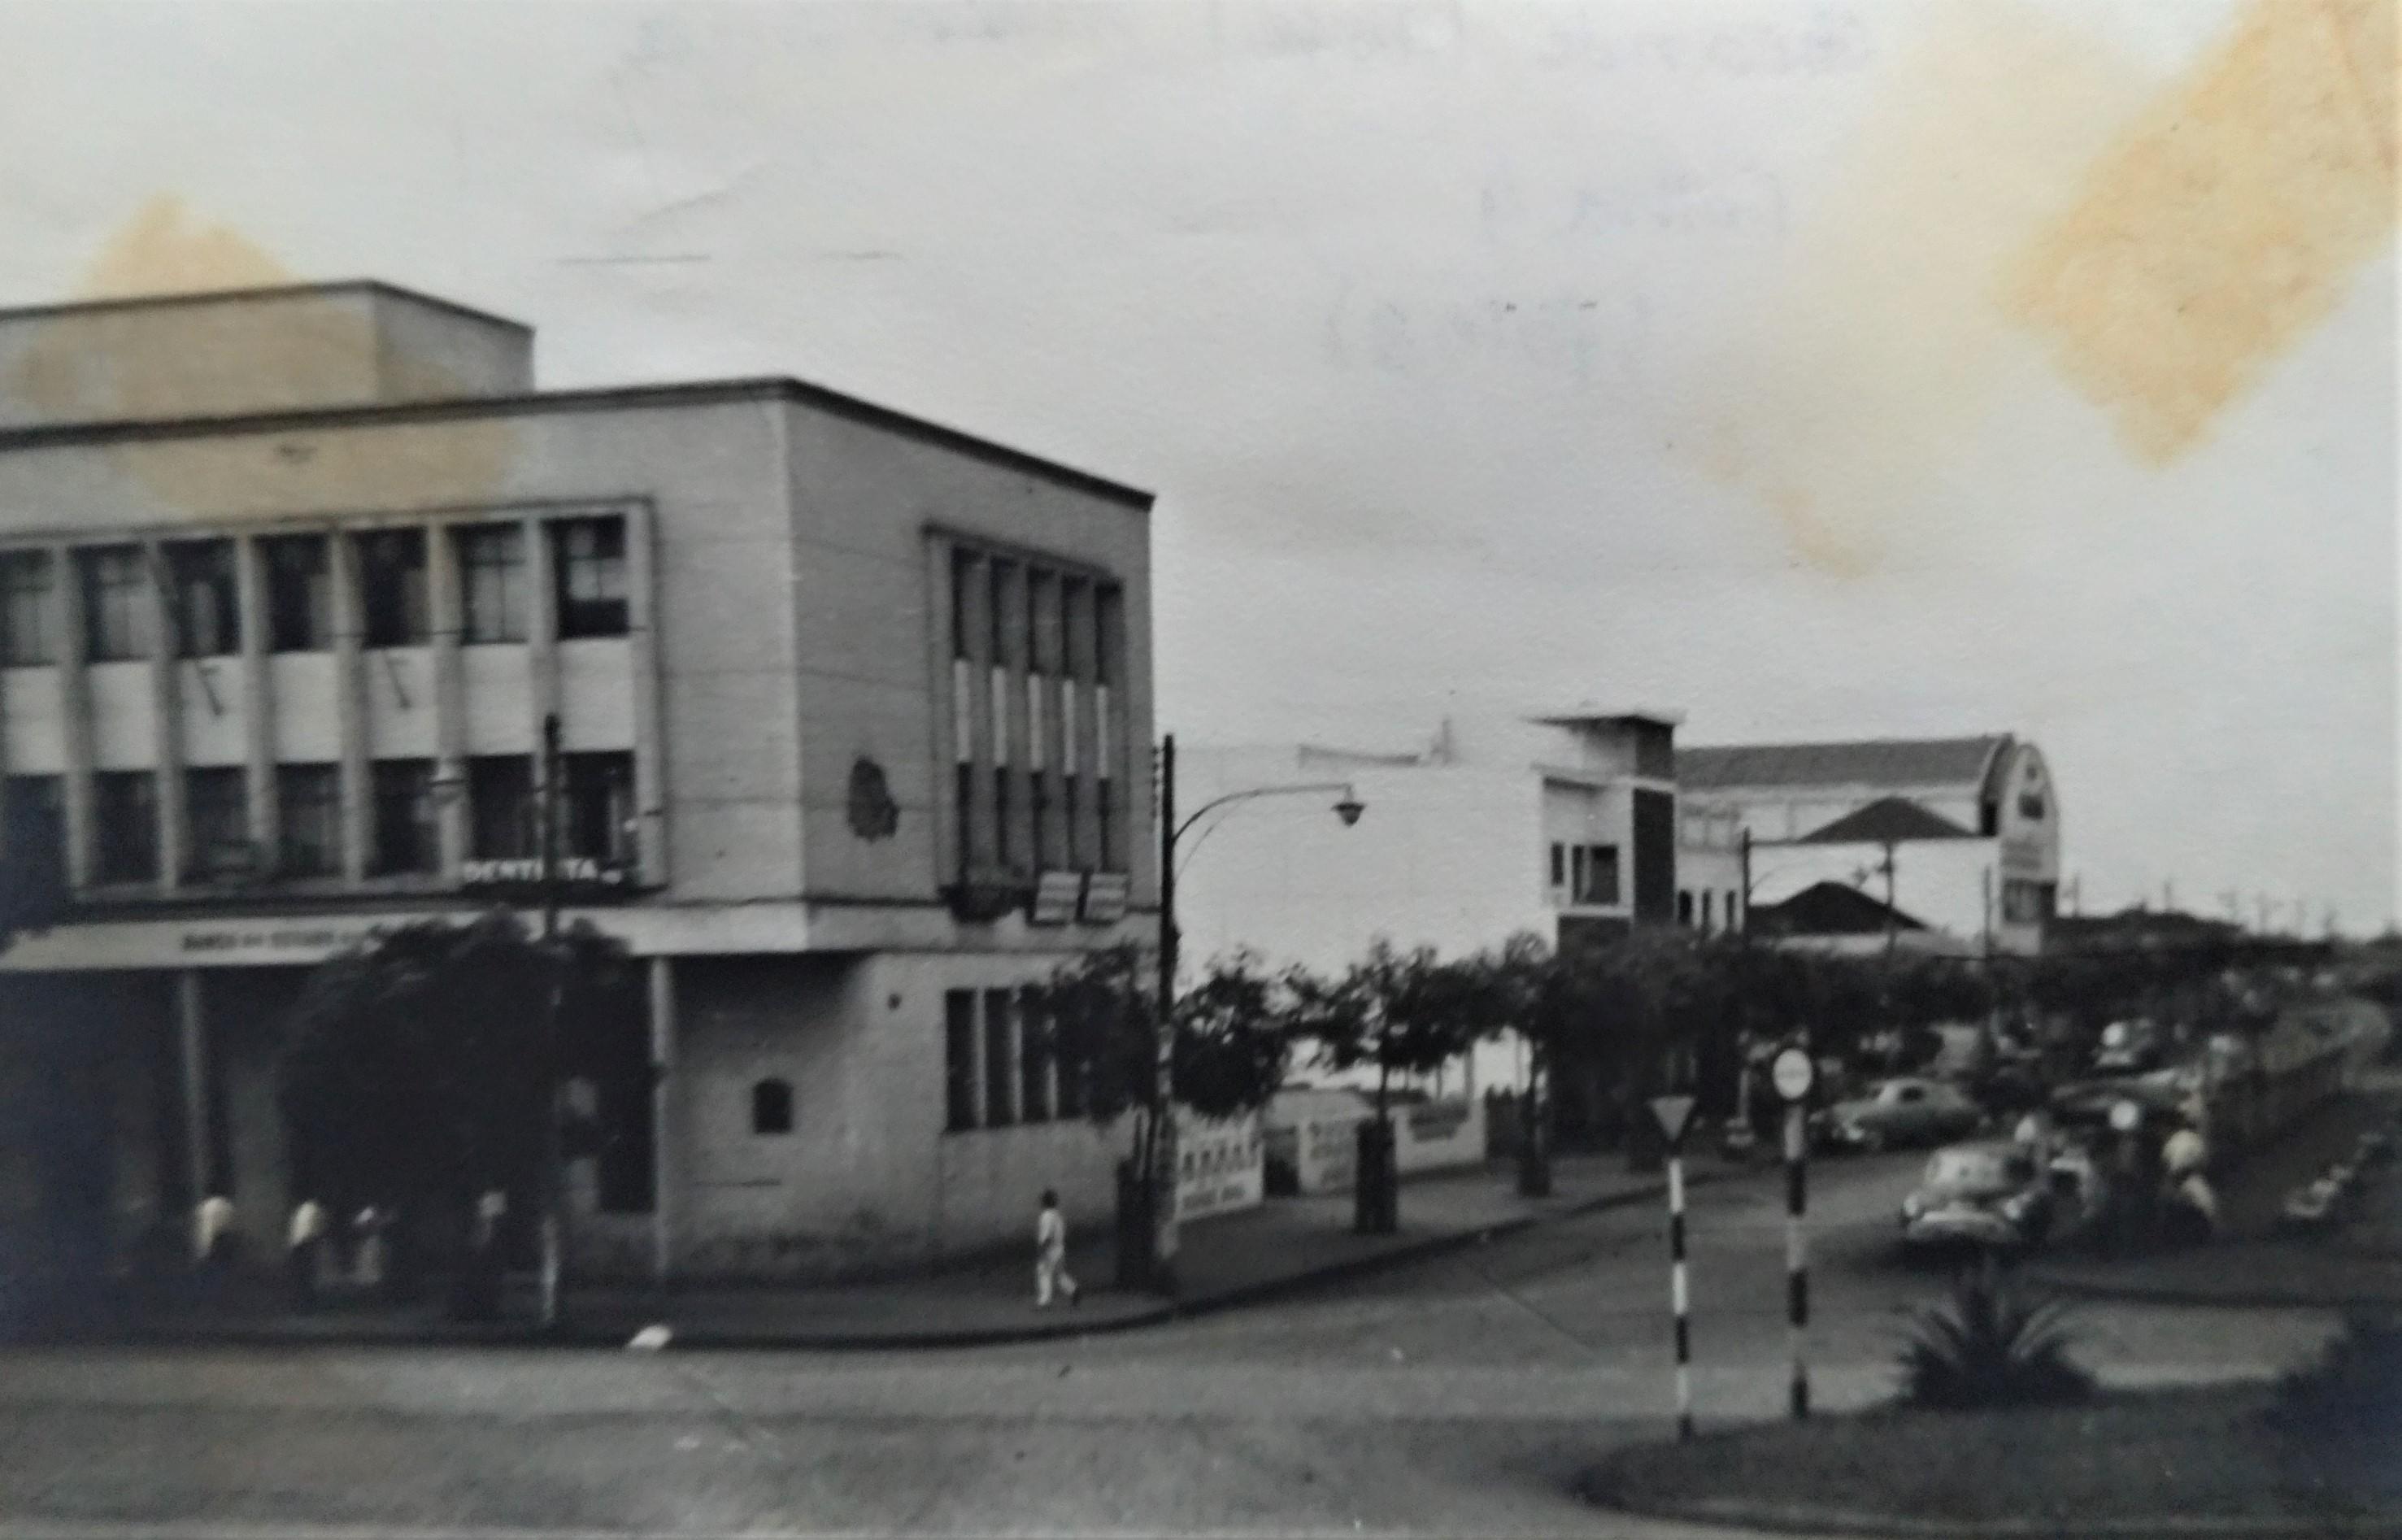 Avenida Brasil x avenida Getúlio Vargas - Anos 1950